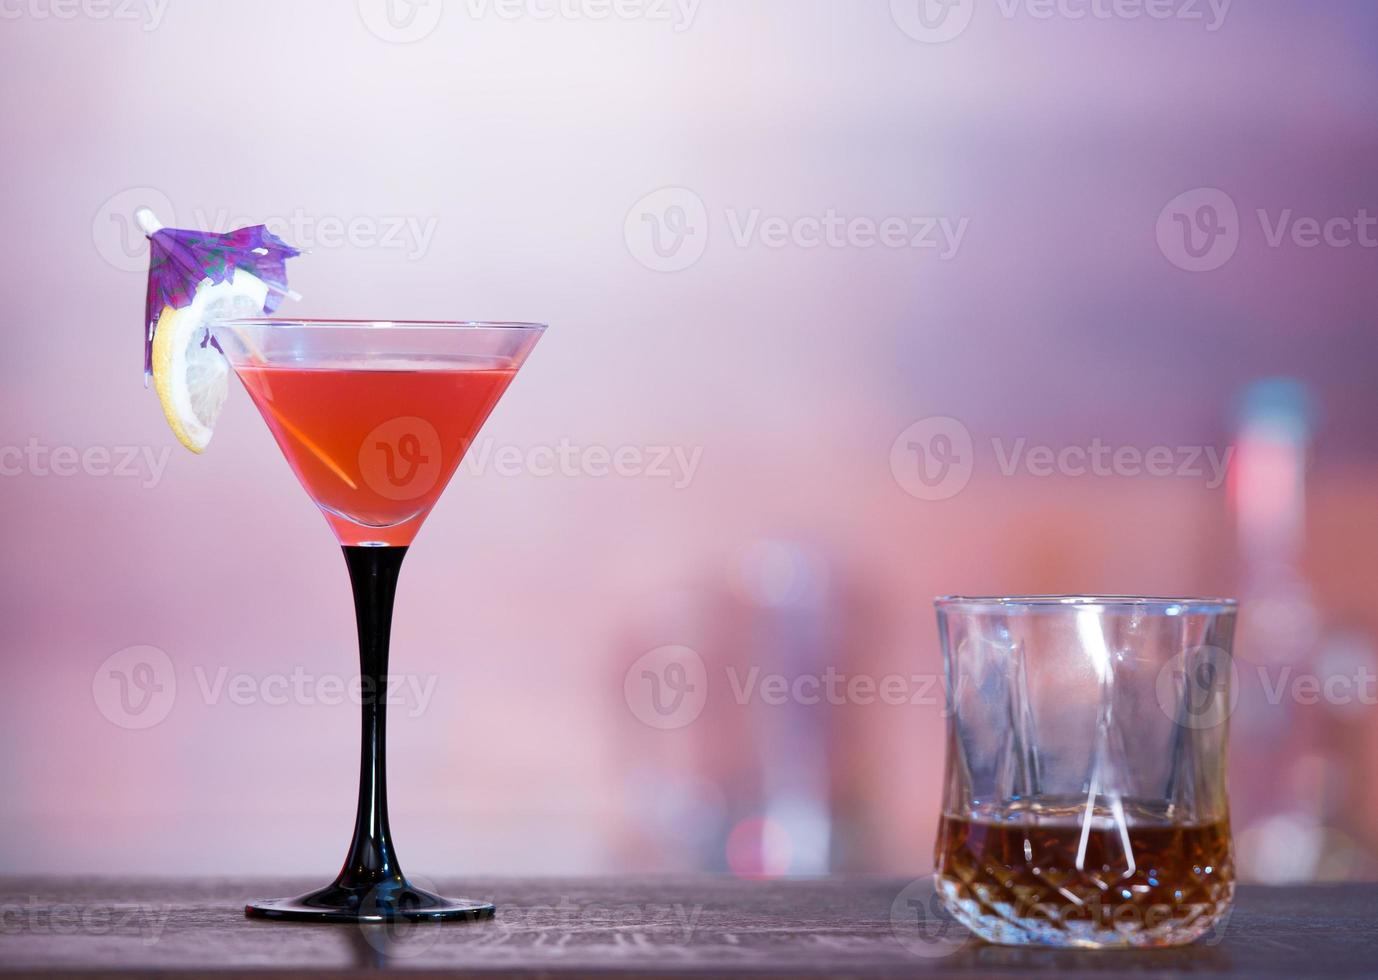 alkohol foto